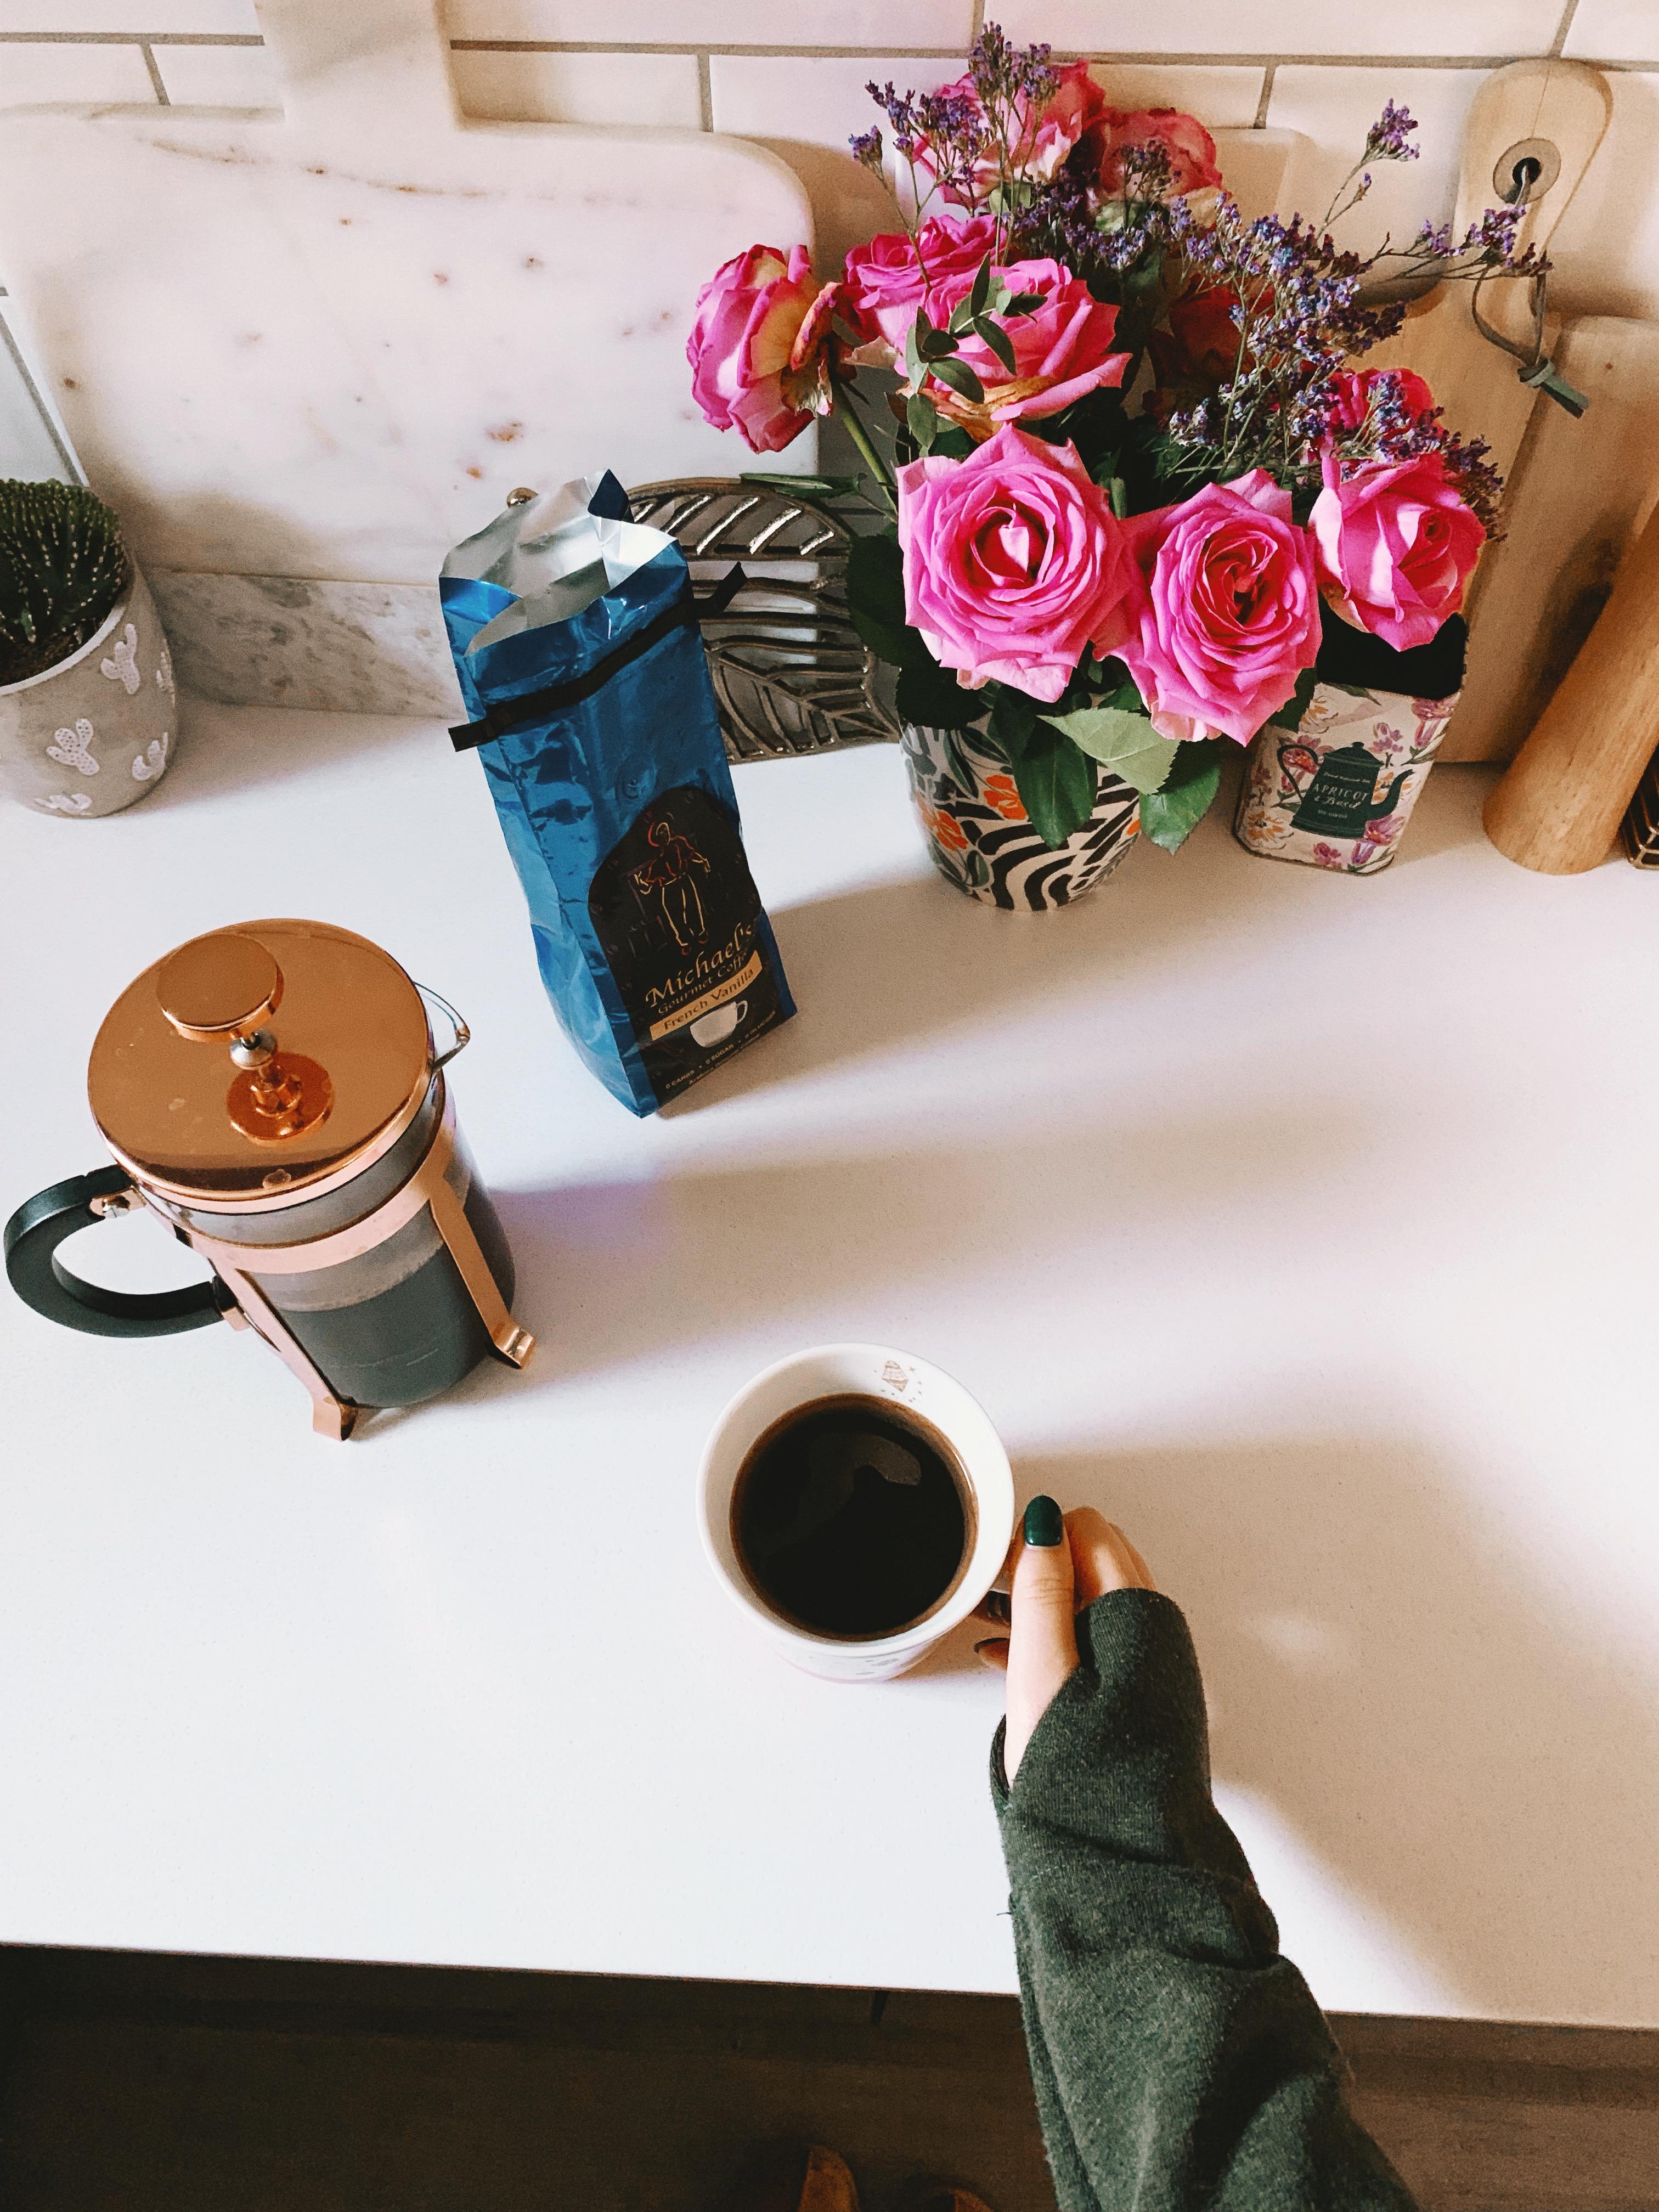 jaye rockett coffee kitchen cafetiere flowers